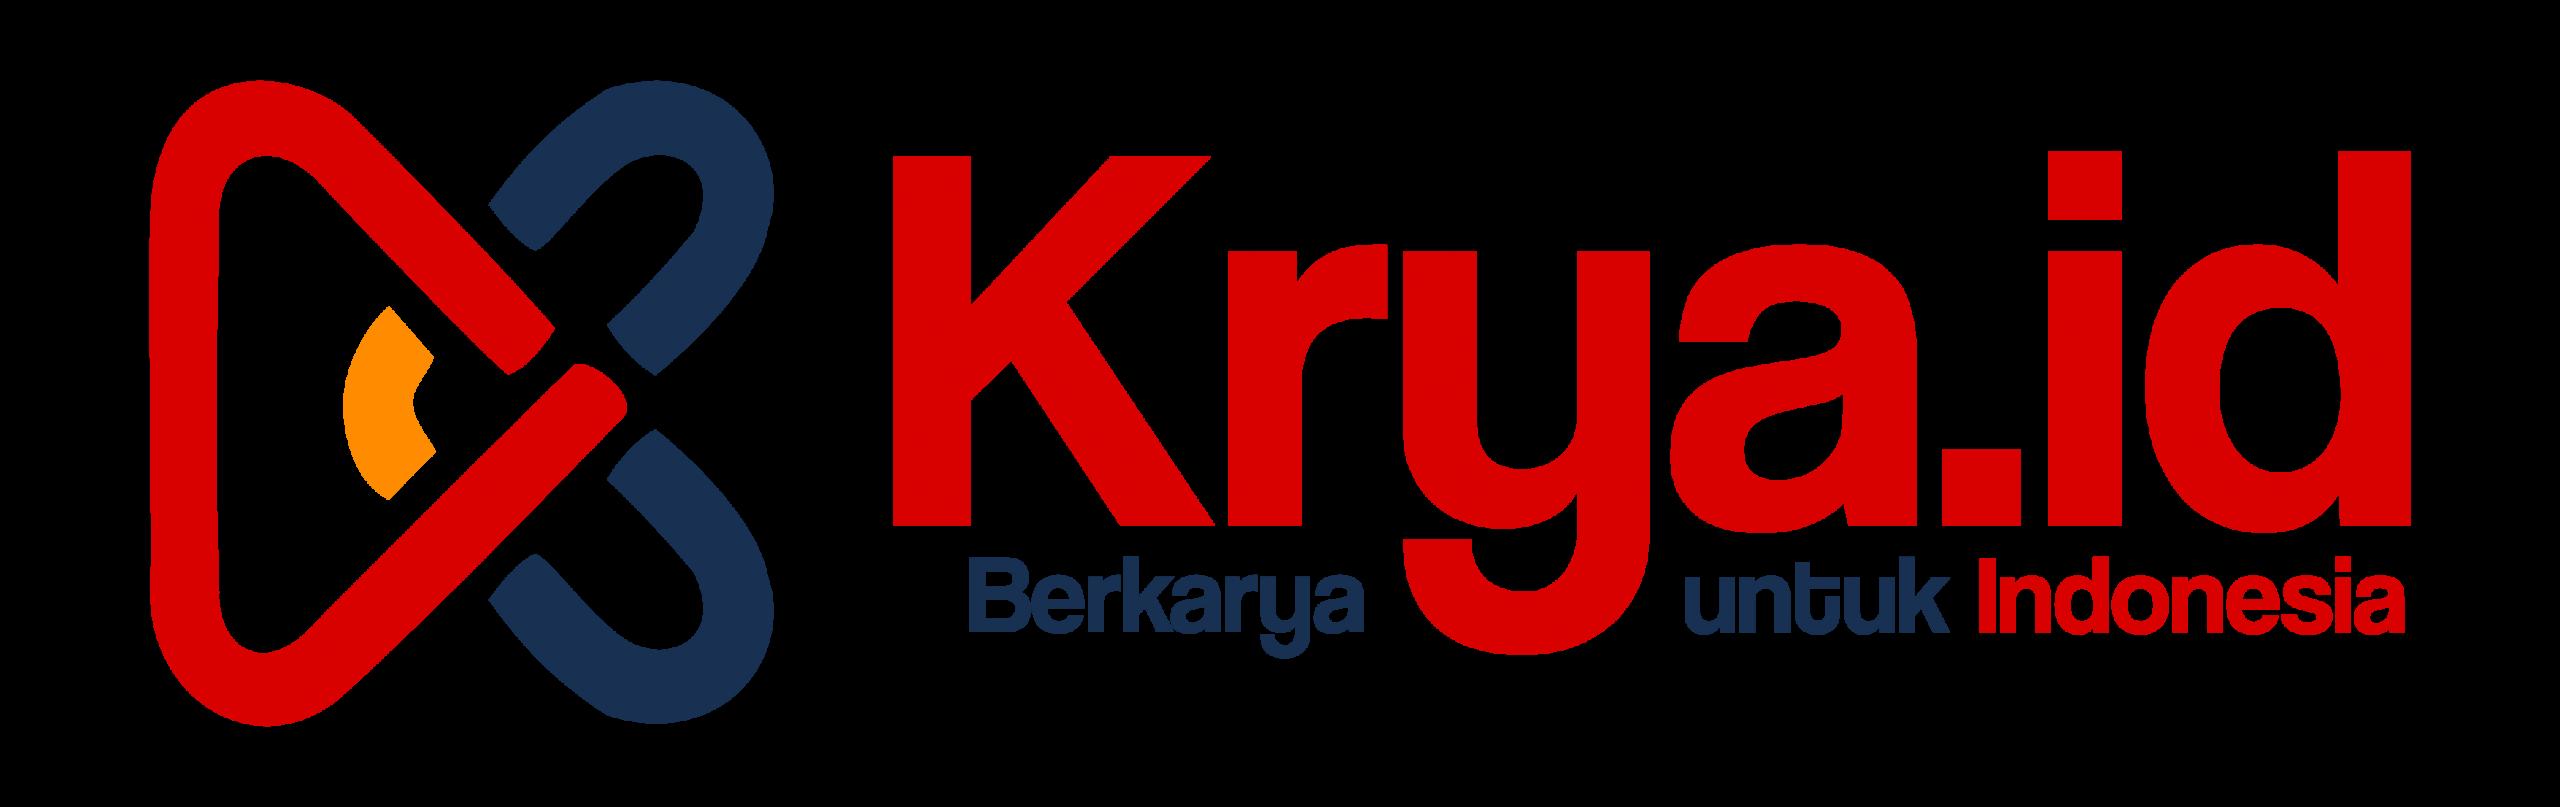 Krya.id